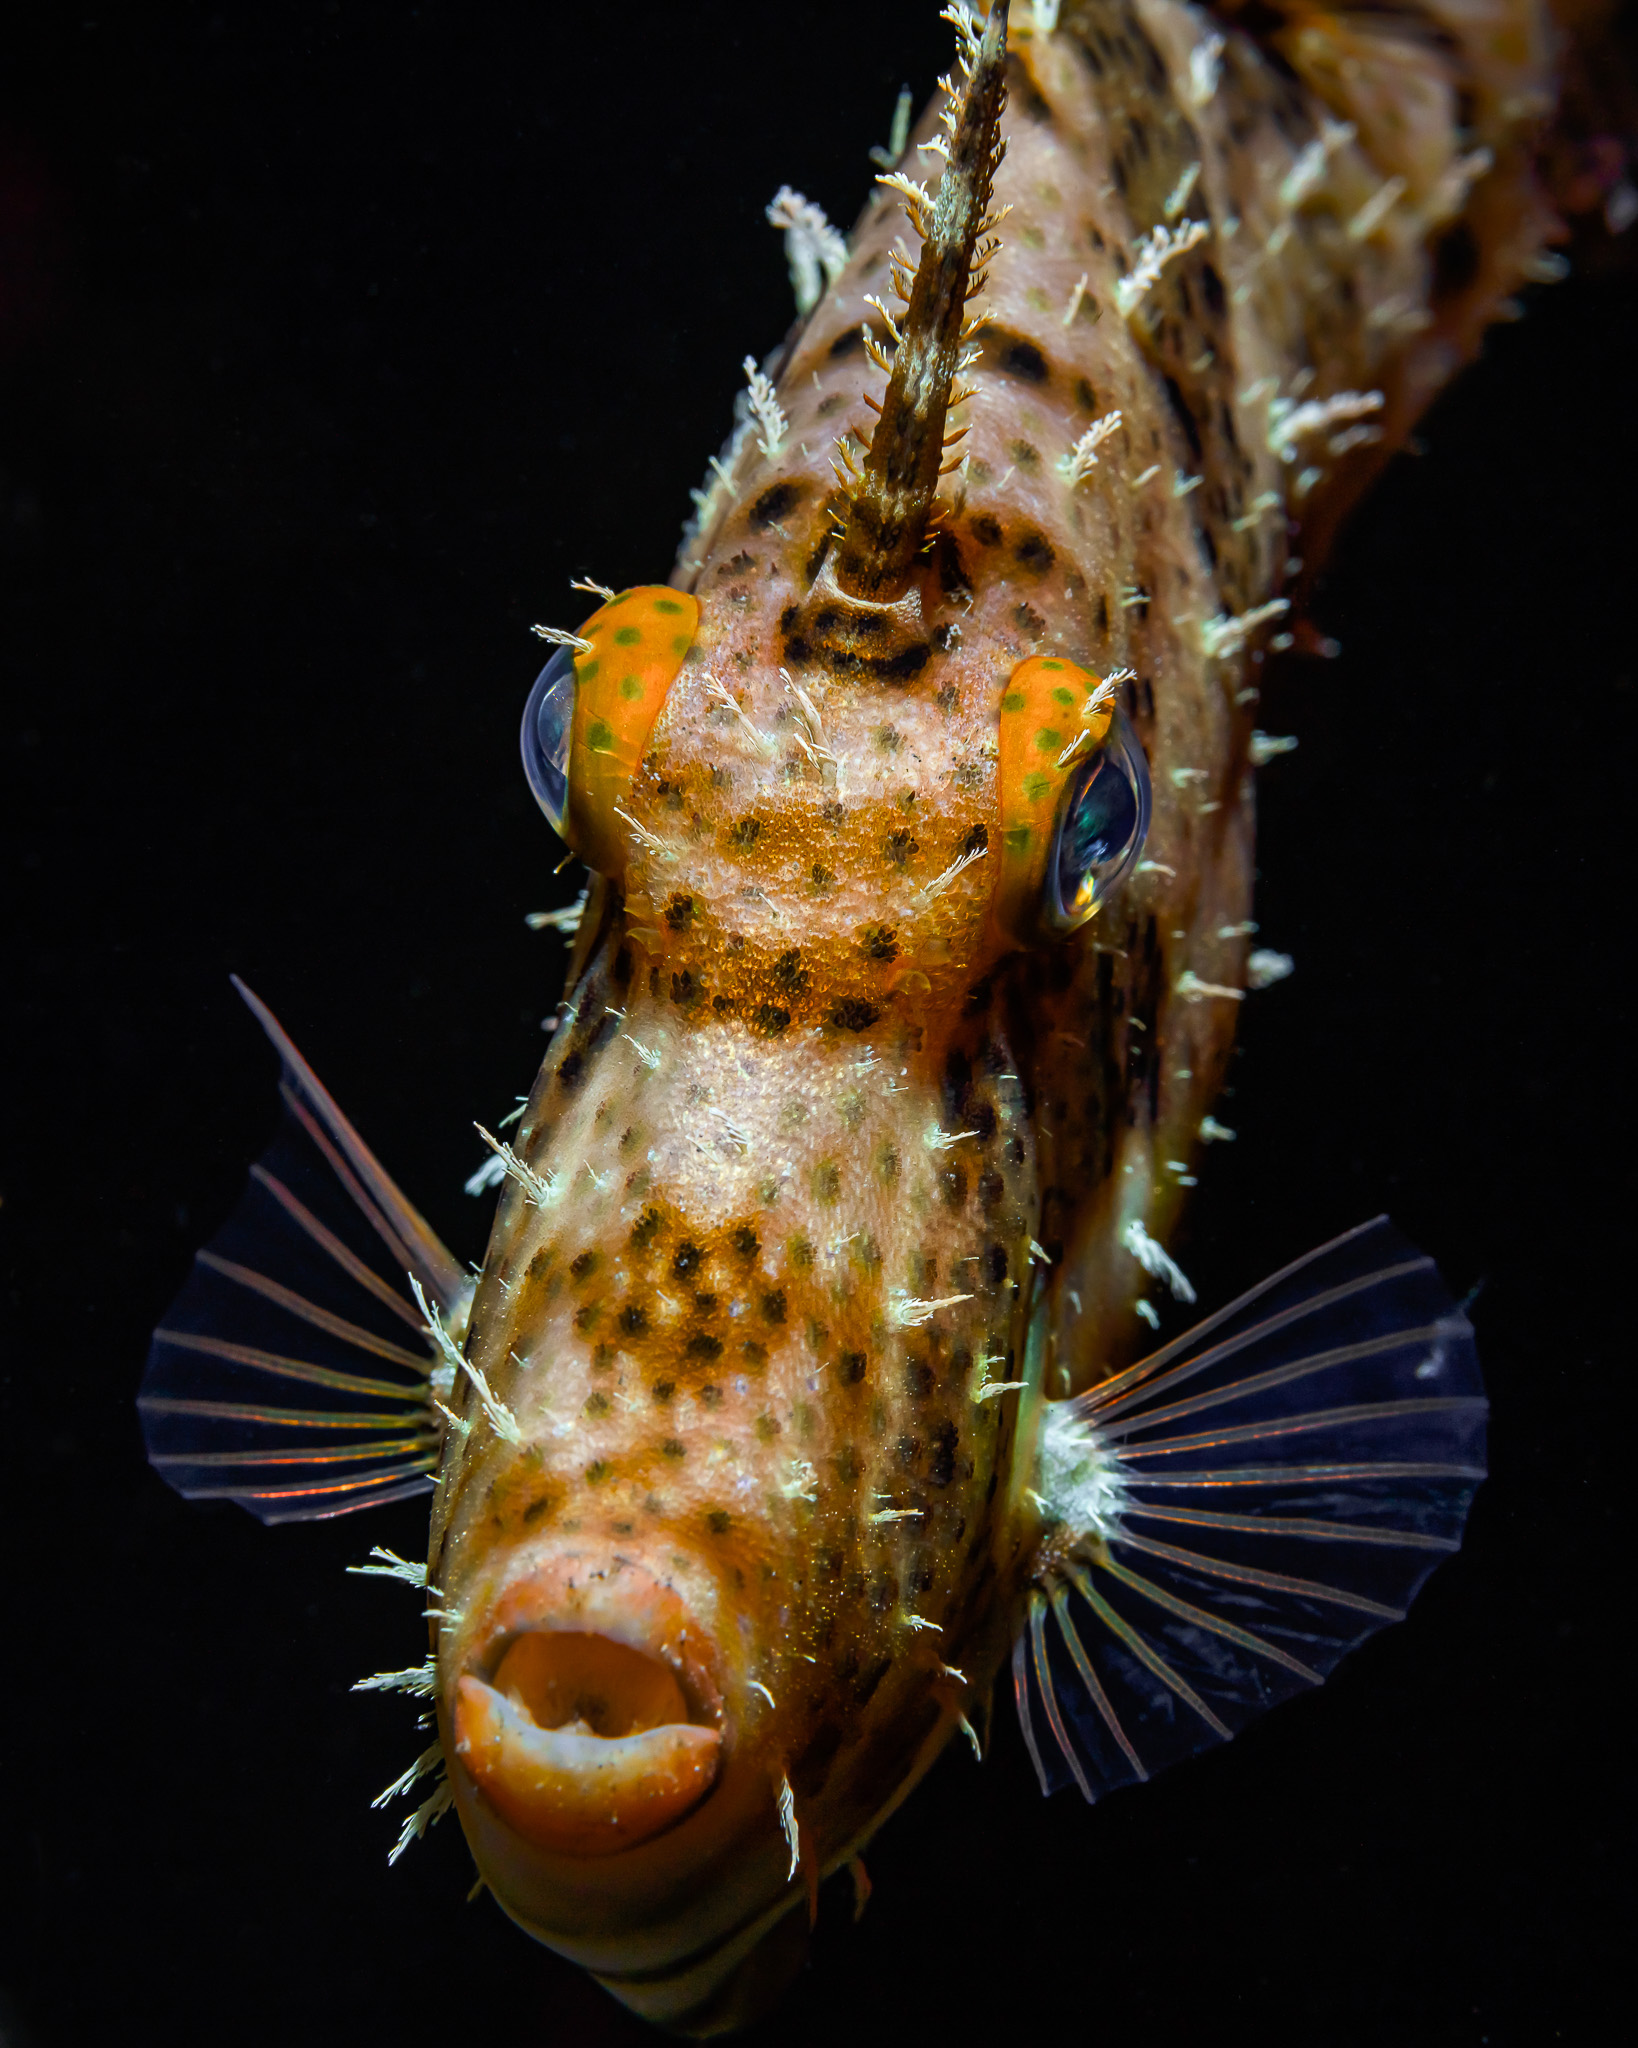 рыба, глаза, море, портрет, животное. под водой, природа, ночь, анфас, плавники, дайвинг, океан, , Савин Андрей